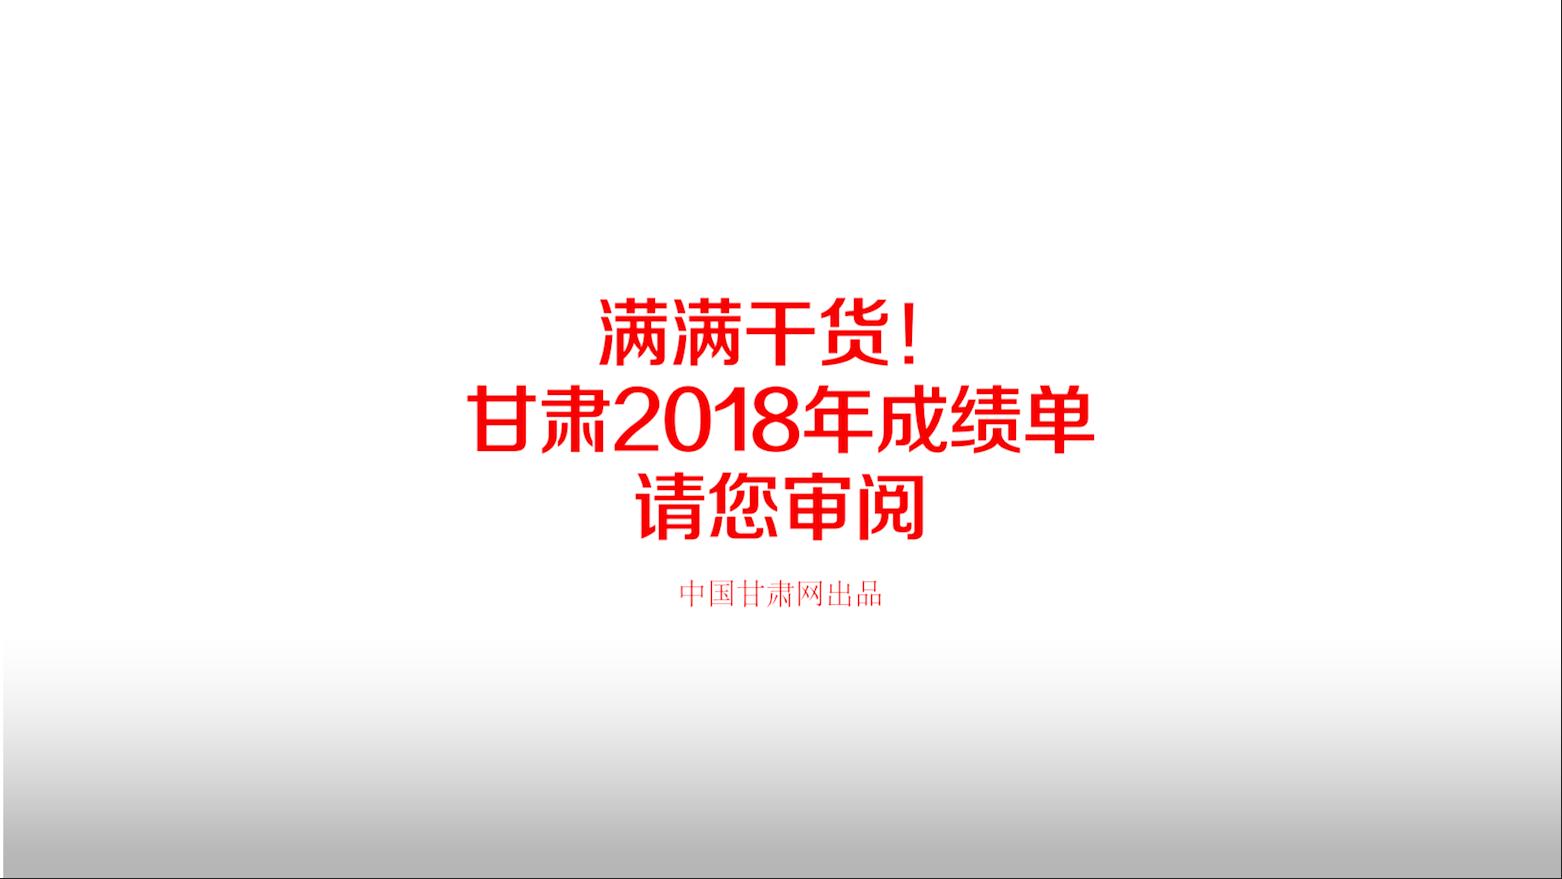 交卷啦!甘肃2018年成绩单请您审阅(视频)